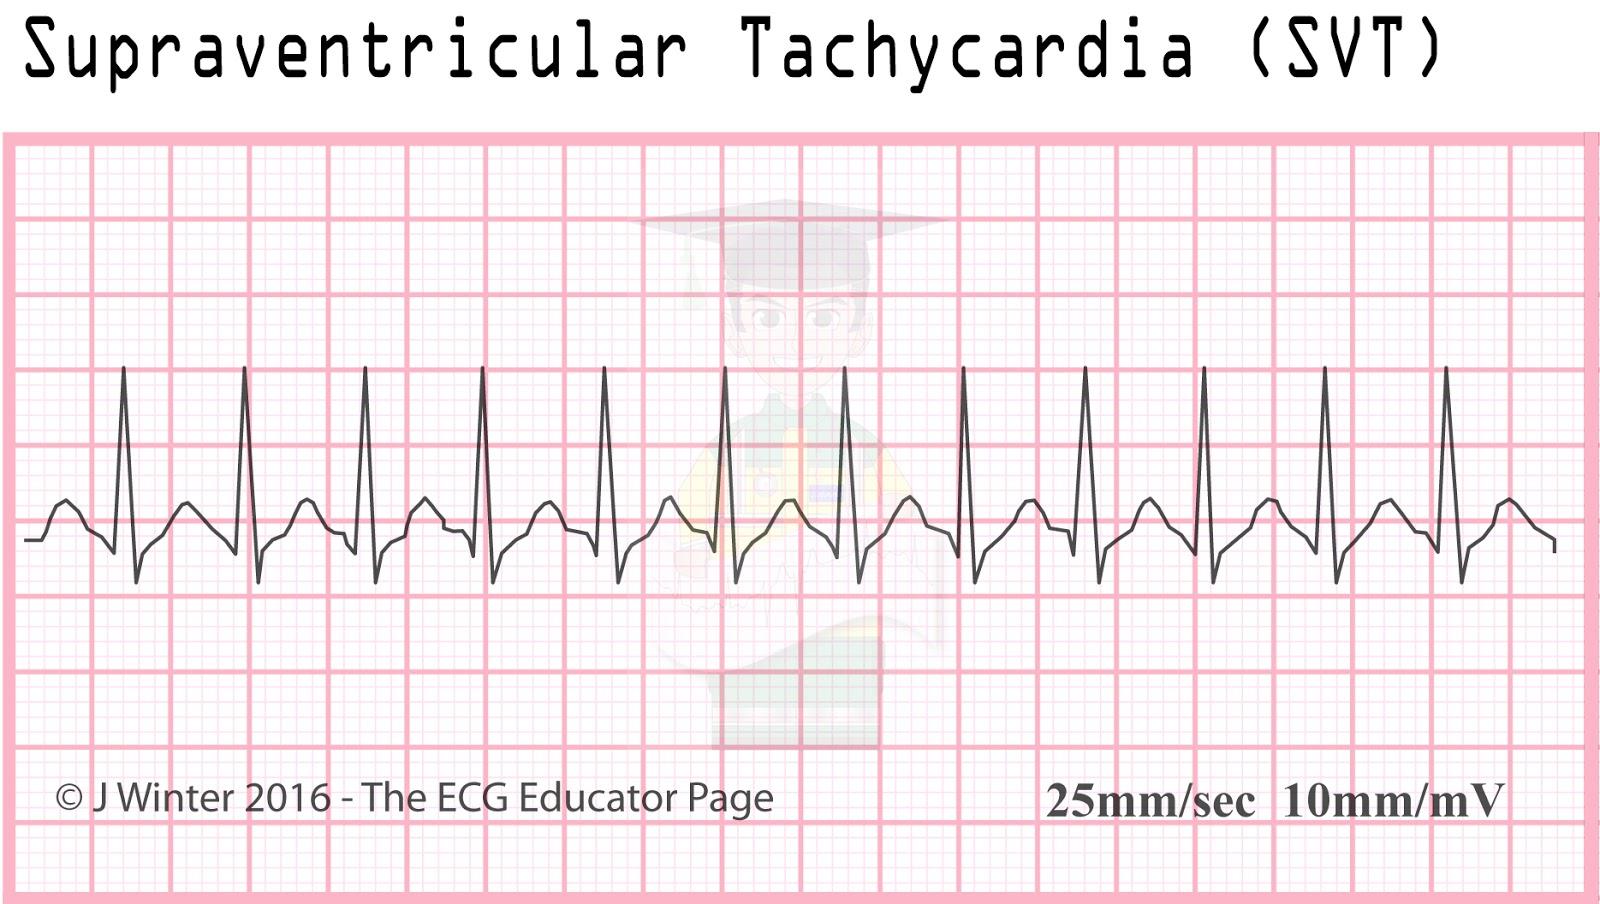 ecg rhythm strip for atrial fibrillation